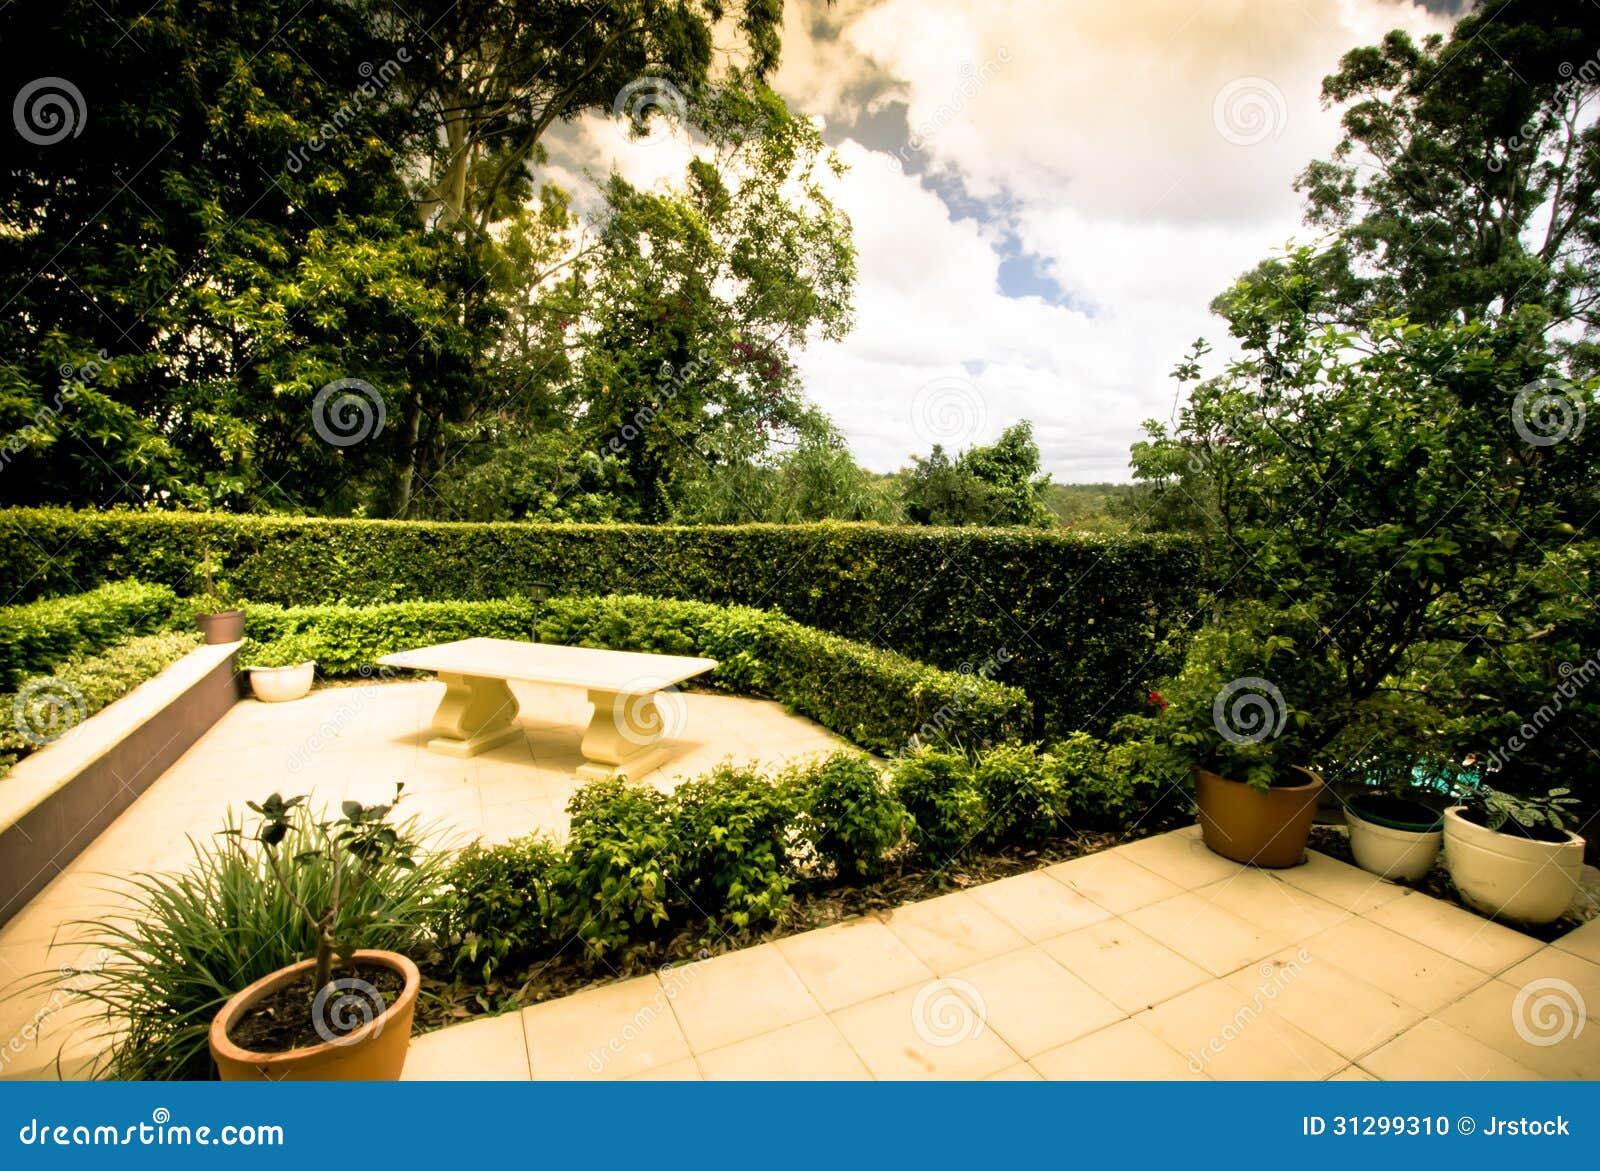 Terrasses Extérieures De Jardin Photo stock - Image du ...